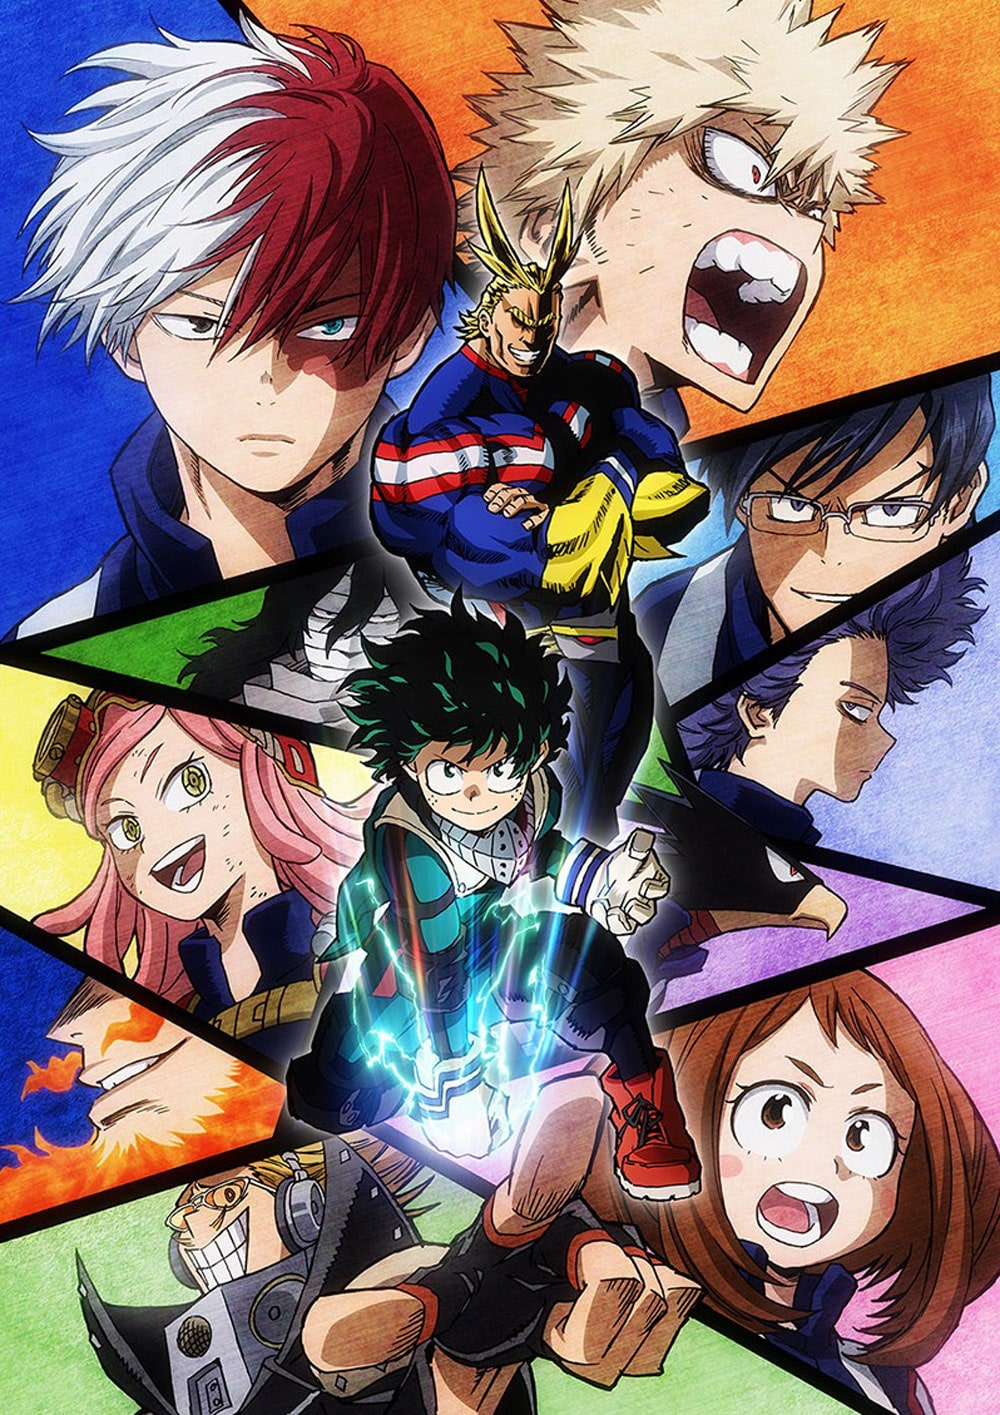 僕のヒーローアカデミア 2nd Vol.7 Blu-ray 初回生産限定版